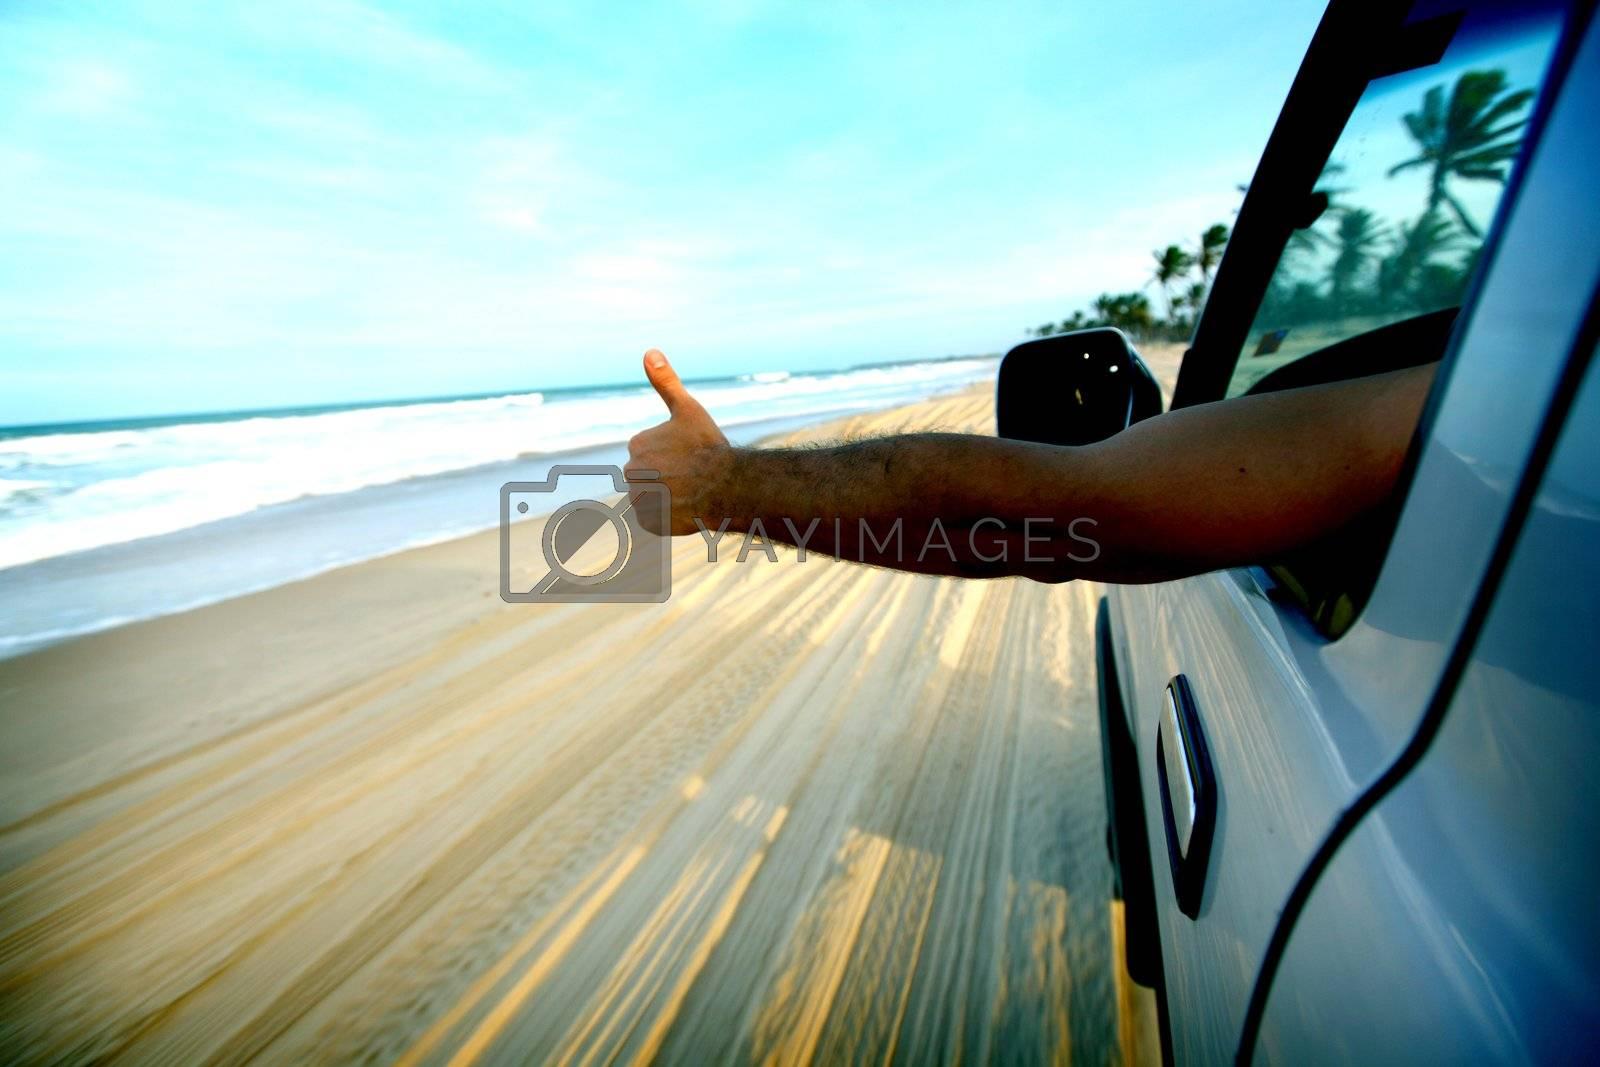 beach drive on allroad car